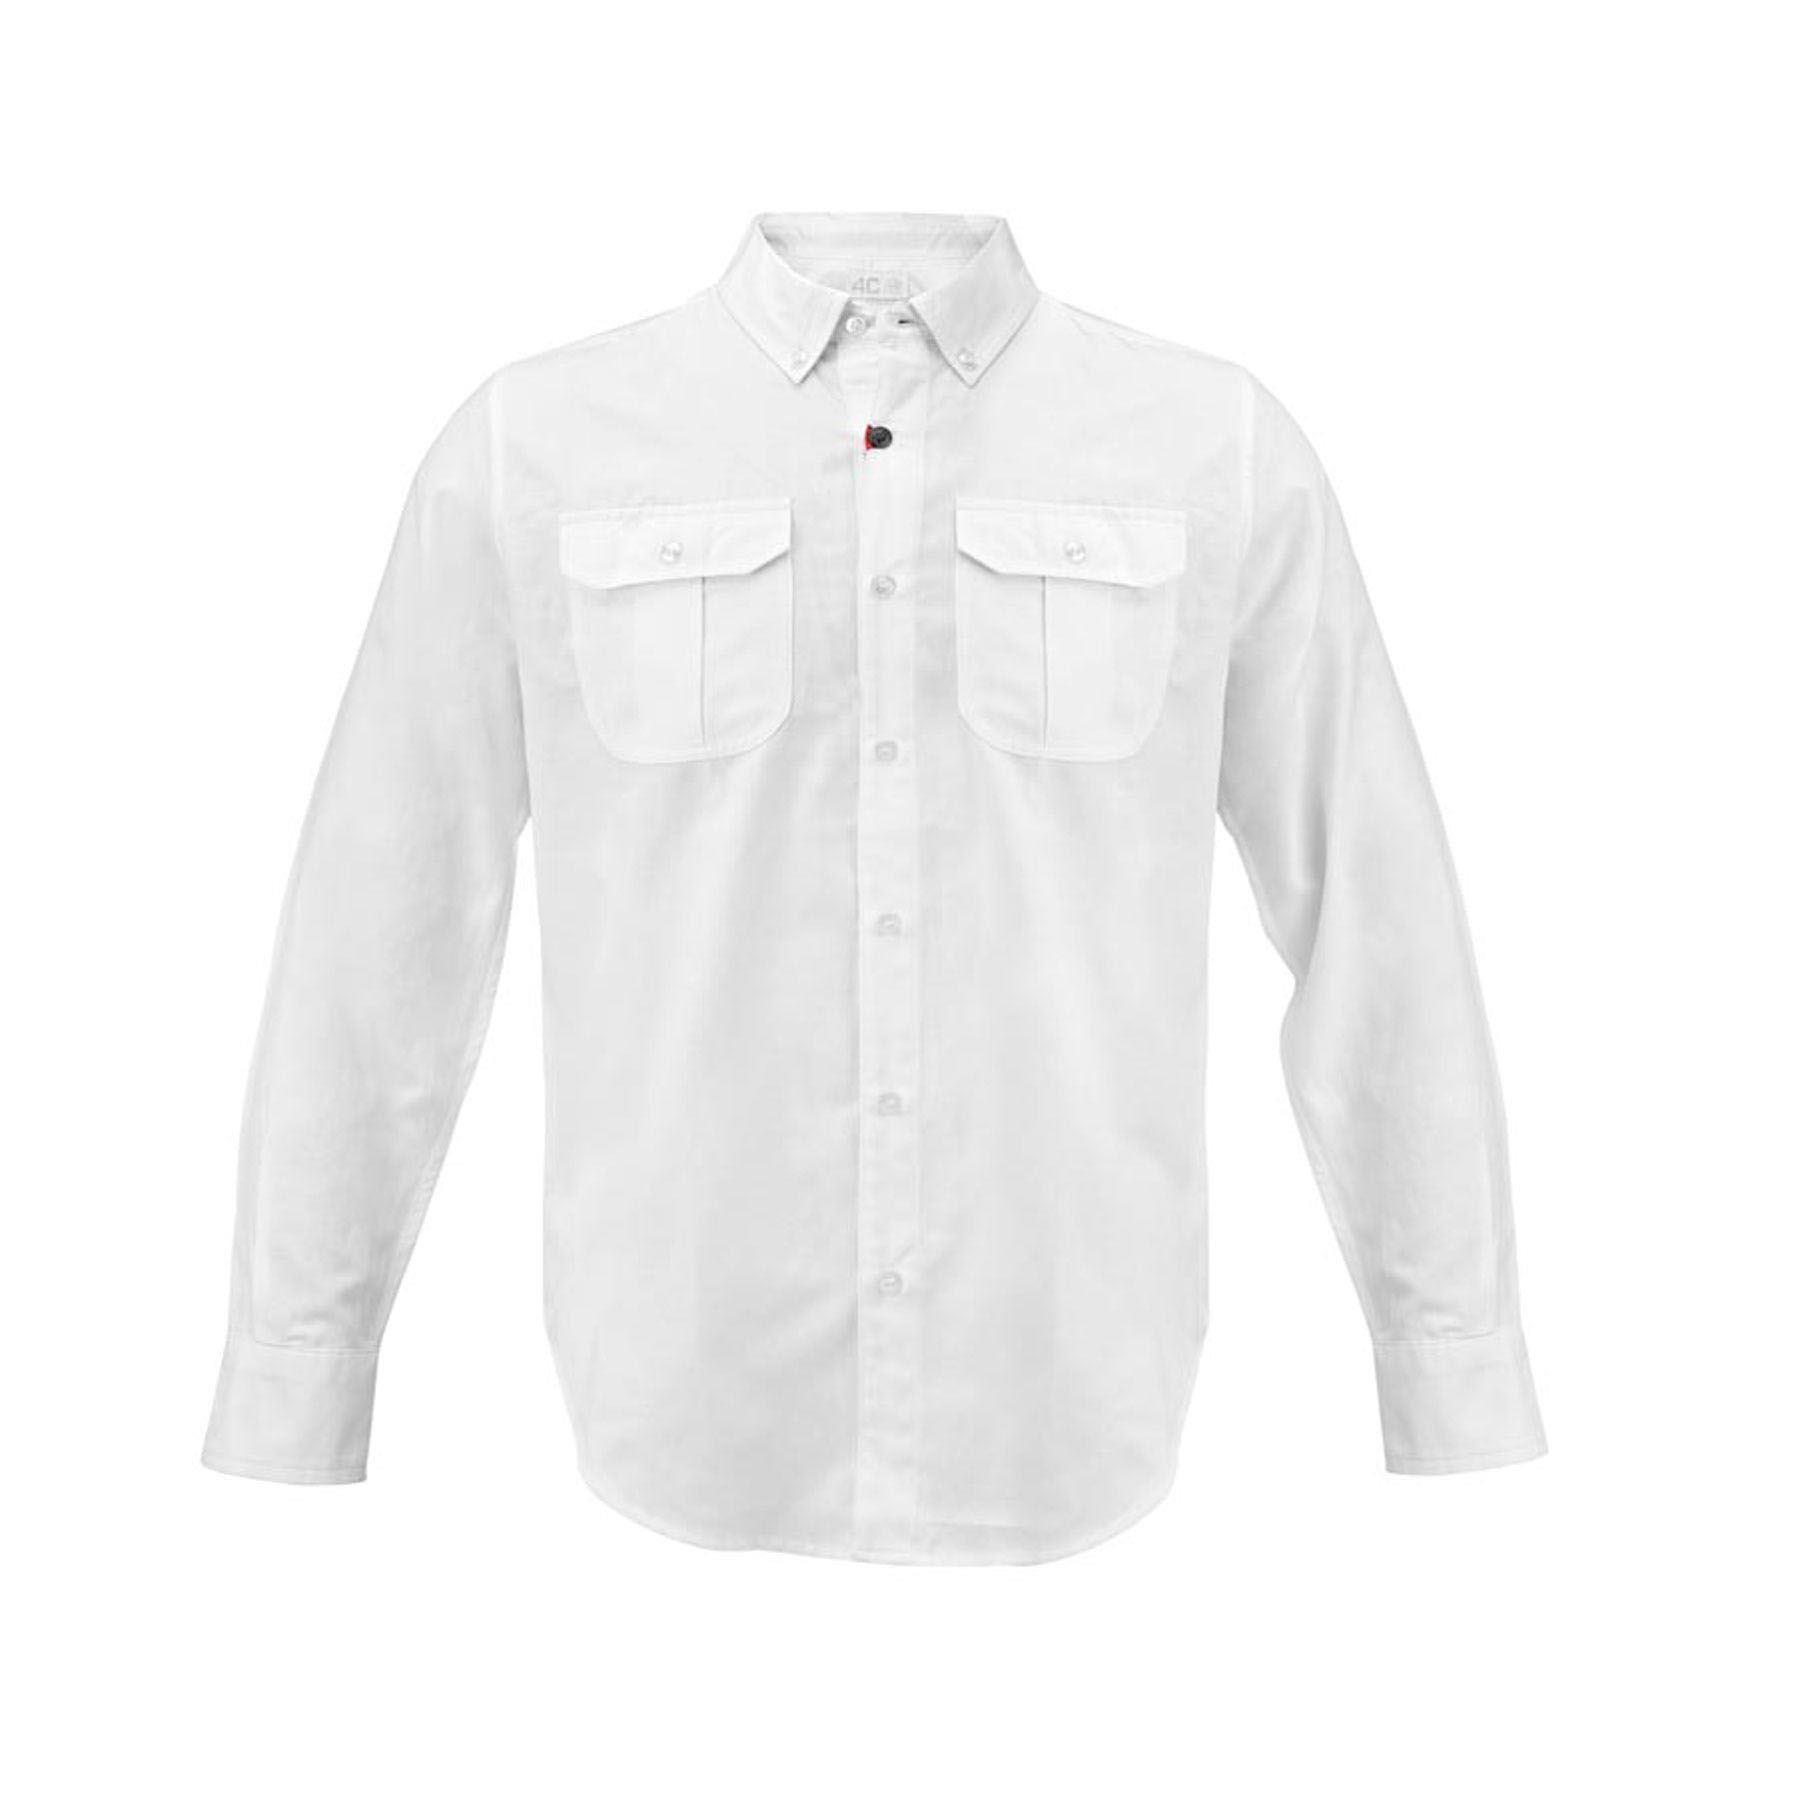 Genuine Alfa White Mens Shirt 4C [Size: S]